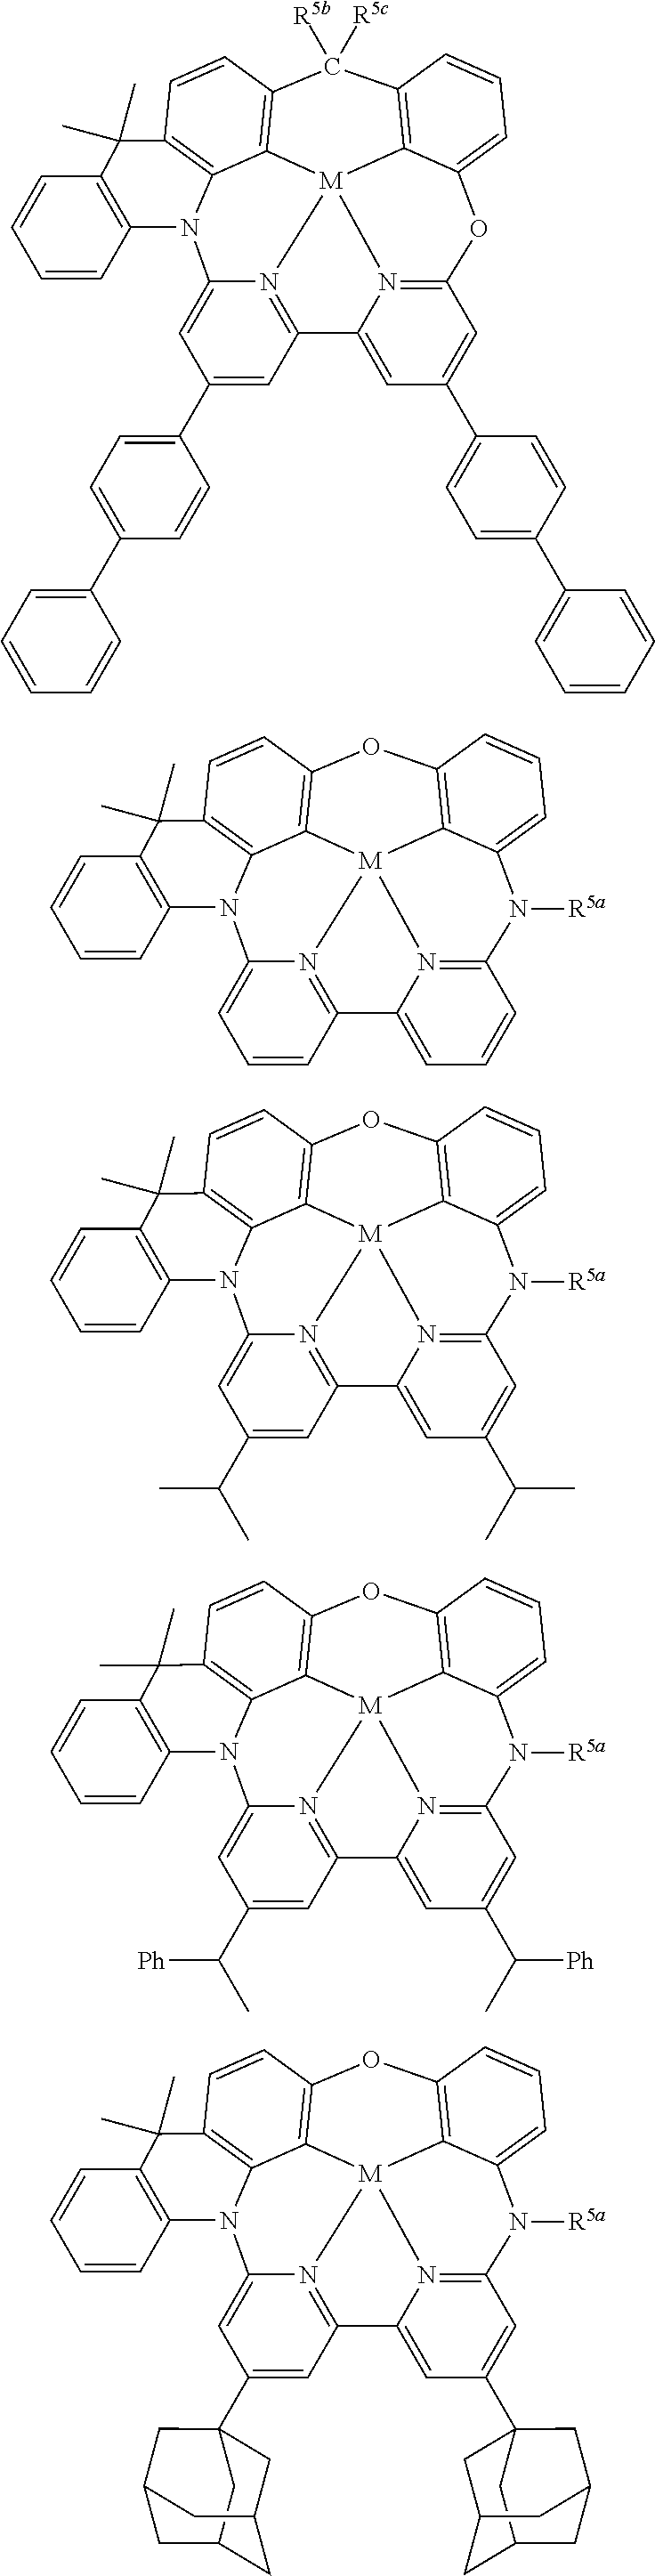 Figure US10158091-20181218-C00141